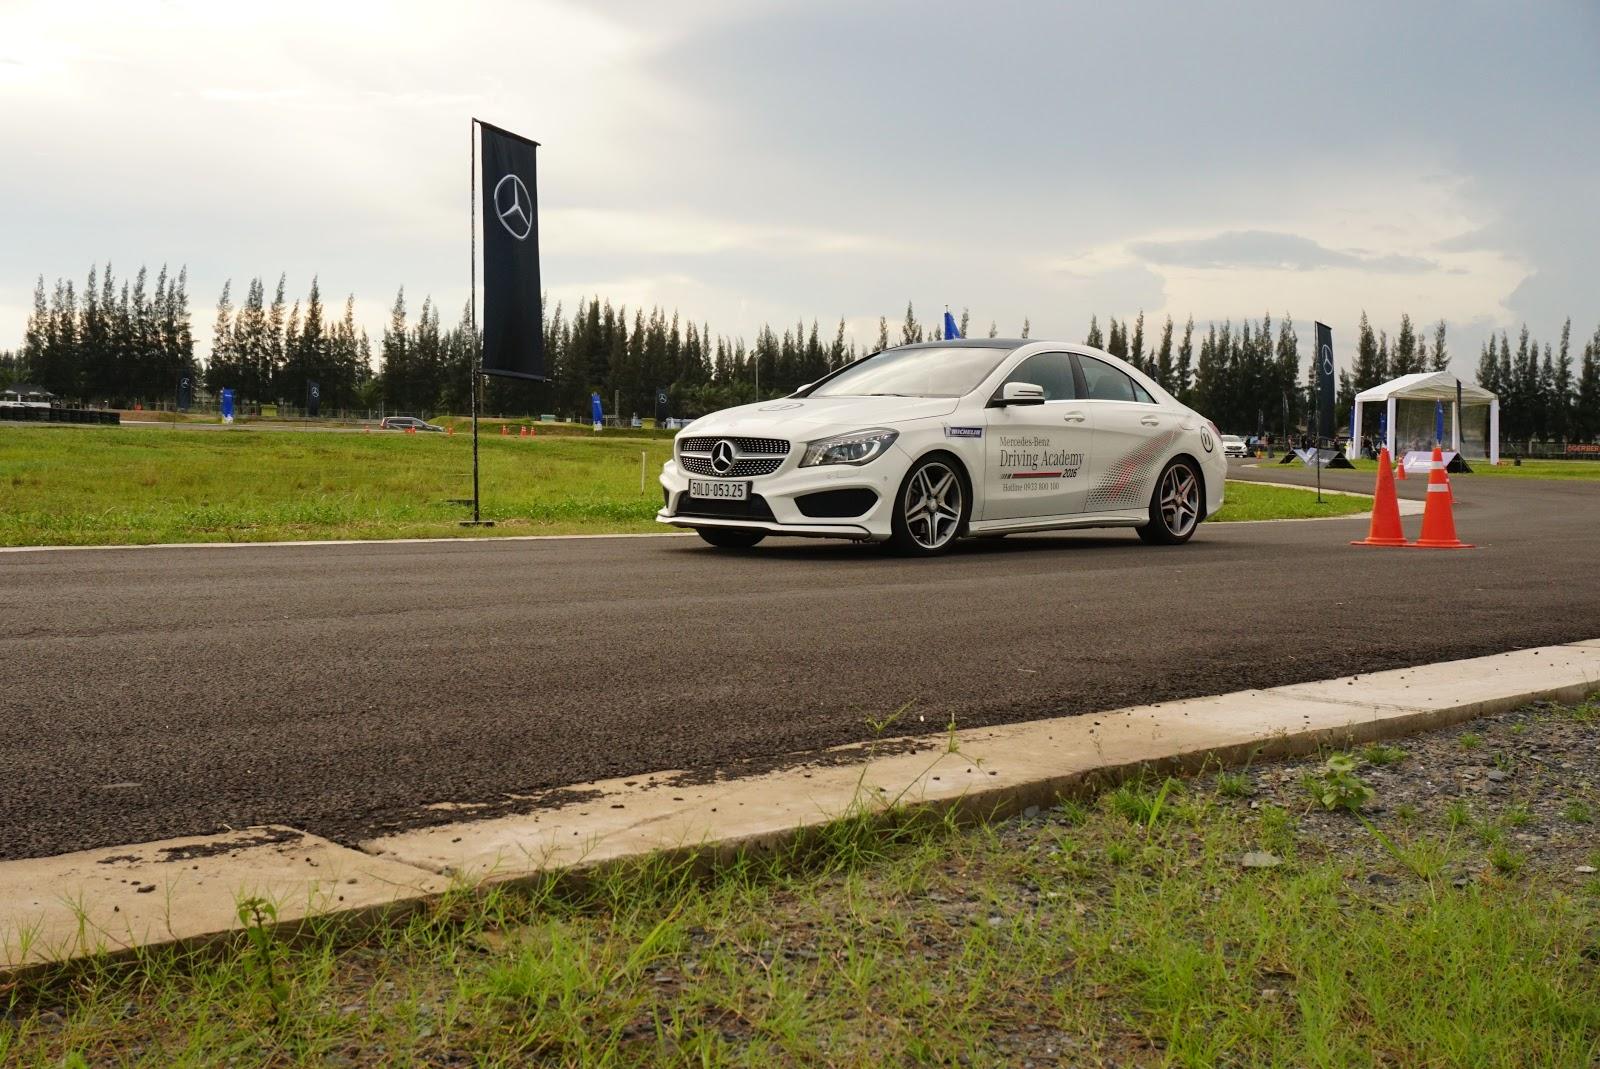 Xe đang thực hiện bài tập thể hiện trình độ lái, xử lý của lái xe trên đường